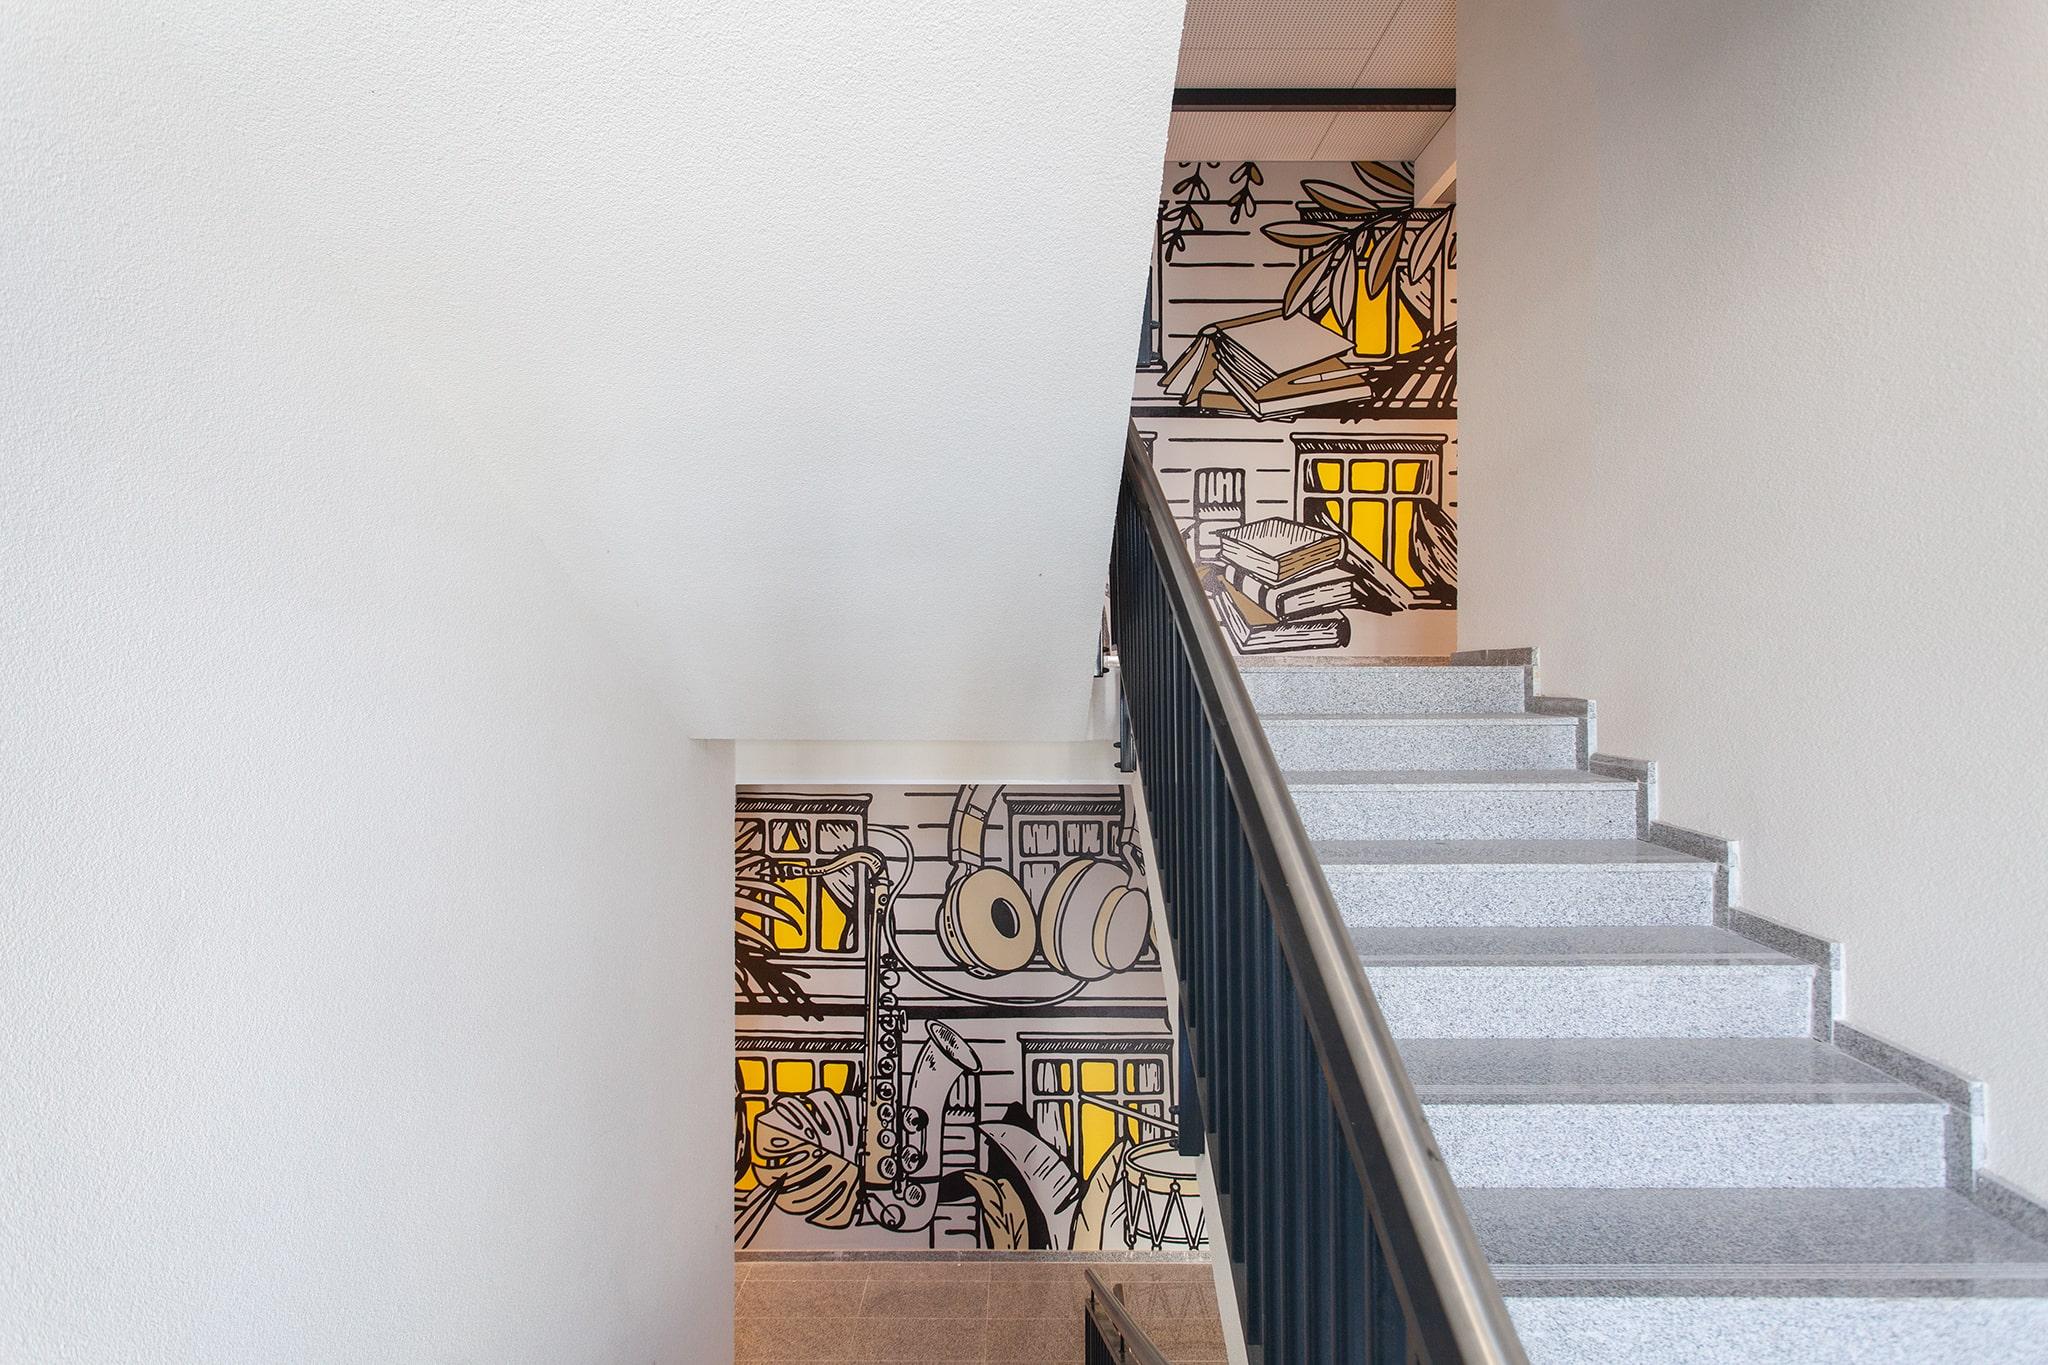 Į žaismingas urban-retro stiliaus ir grafikos darbais dekoruotas laiptines patenkama kylant panoraminiu liftu arba granito plokščių laiptais